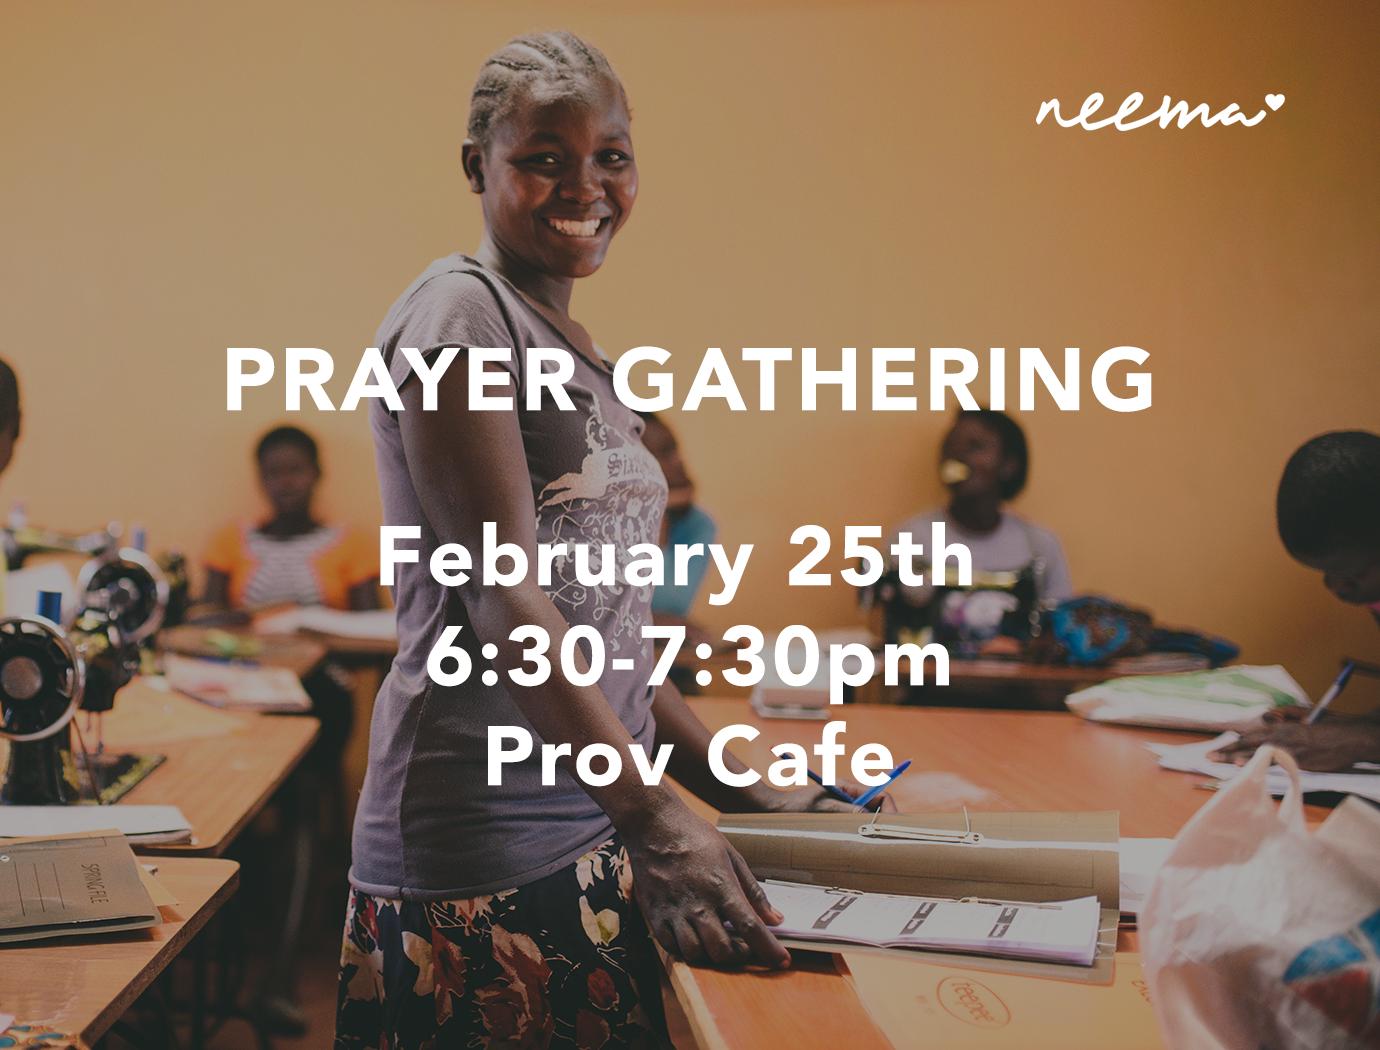 NEEMA_PrayerGathering2018_Feb.png